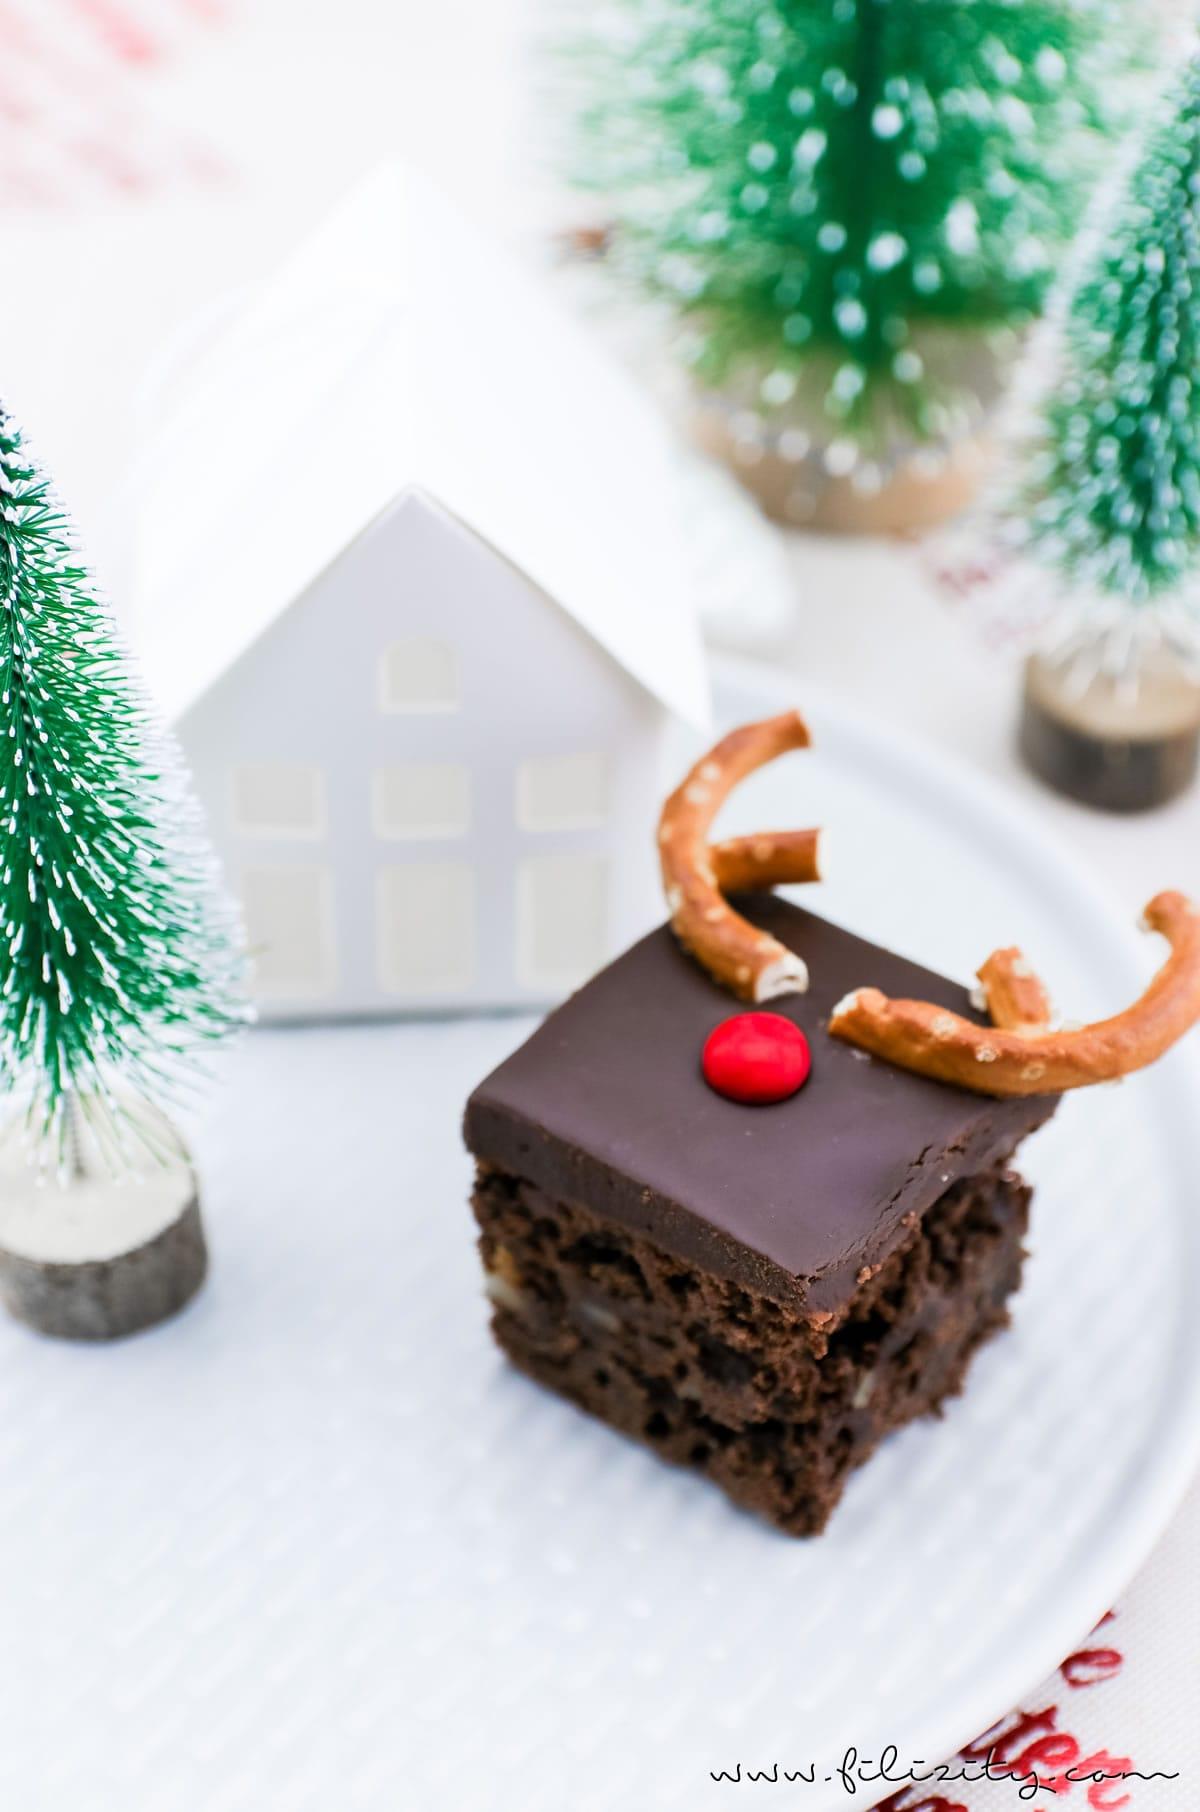 Rezept: Rudolph Brownies – Der schokoladigste Weihnachts-Kuchen (Death by Chocolate mit Smarties und Brezeln) | Filizity.com | Food-Blog aus dem Rheinland #deathbychocolatte #nomatterwhatthequestionischocolateistheanswer #weihnachten #rudolph